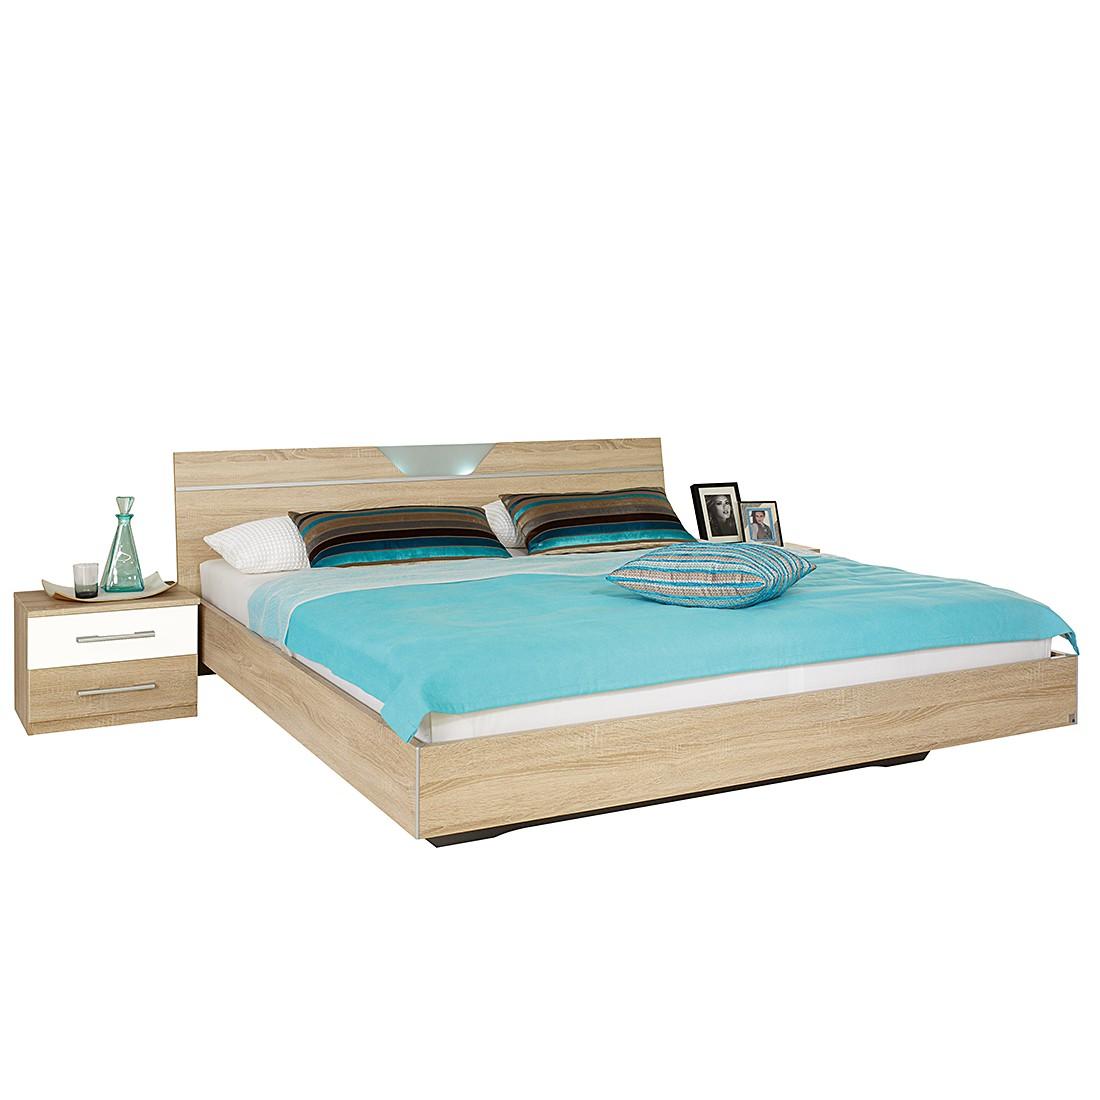 Chambre à coucher Valence-Extra (3 éléments) - 160 x 200cm - Imitation chêne de Sonoma / Blanc, Rauc